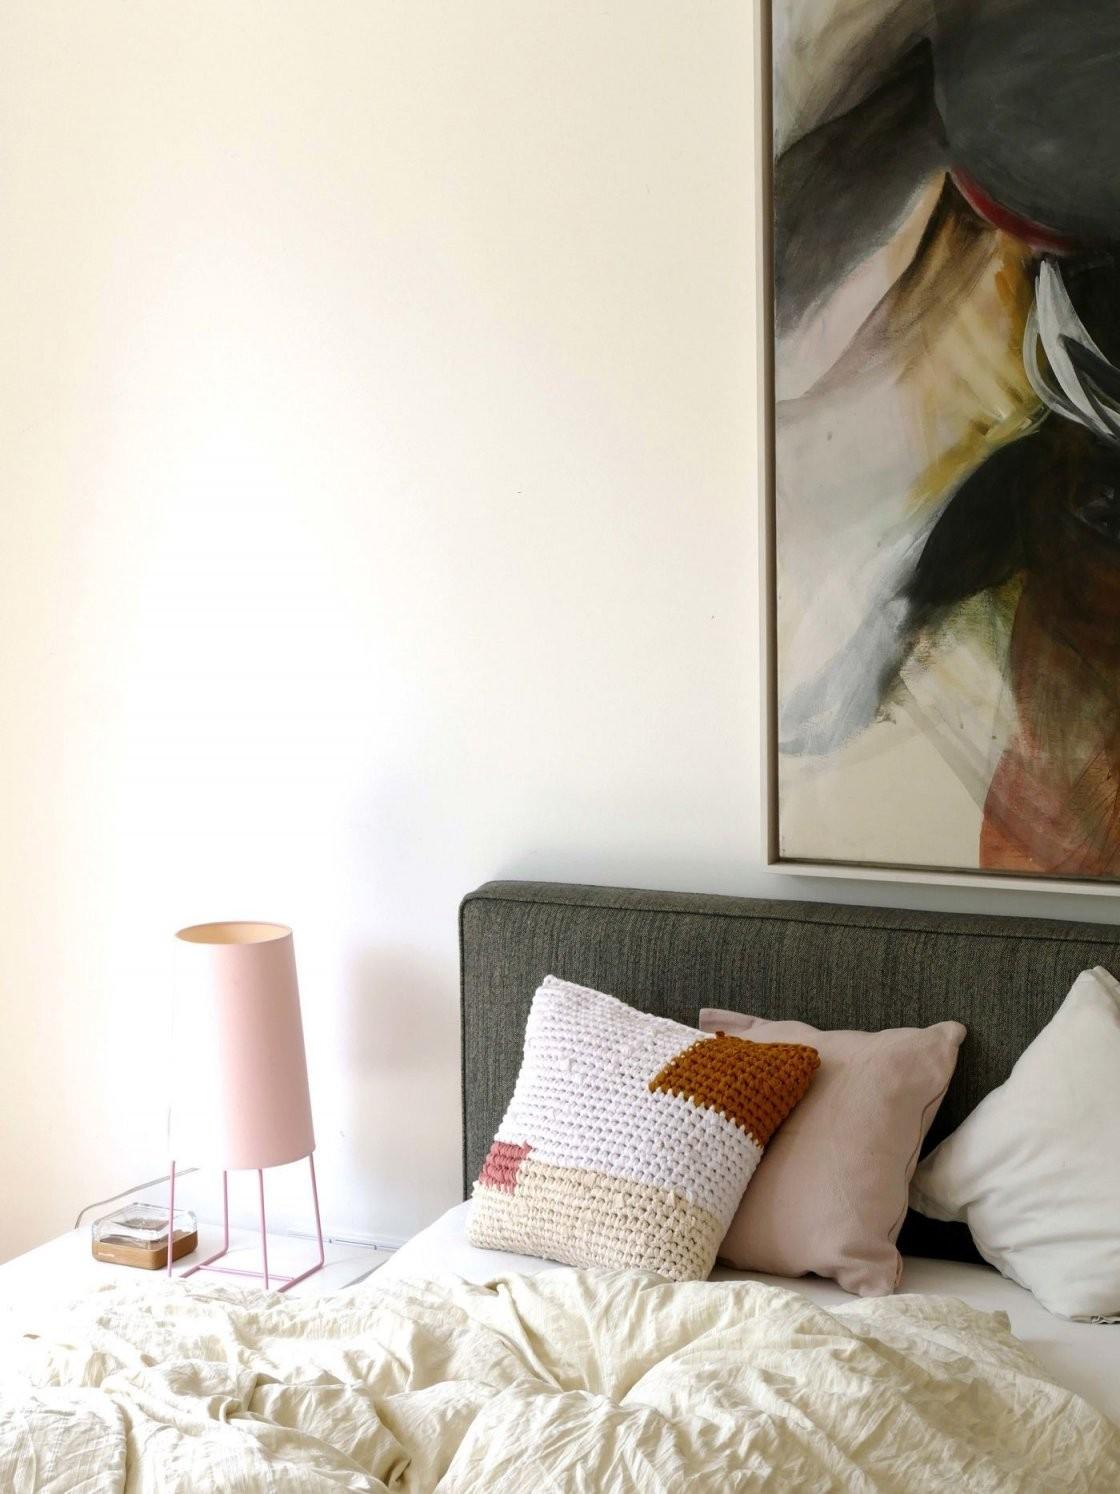 Die Besten Ideen Für Die Wandgestaltung Im Schlafzimmer von Wandgestaltung Schlafzimmer Selber Machen Bild